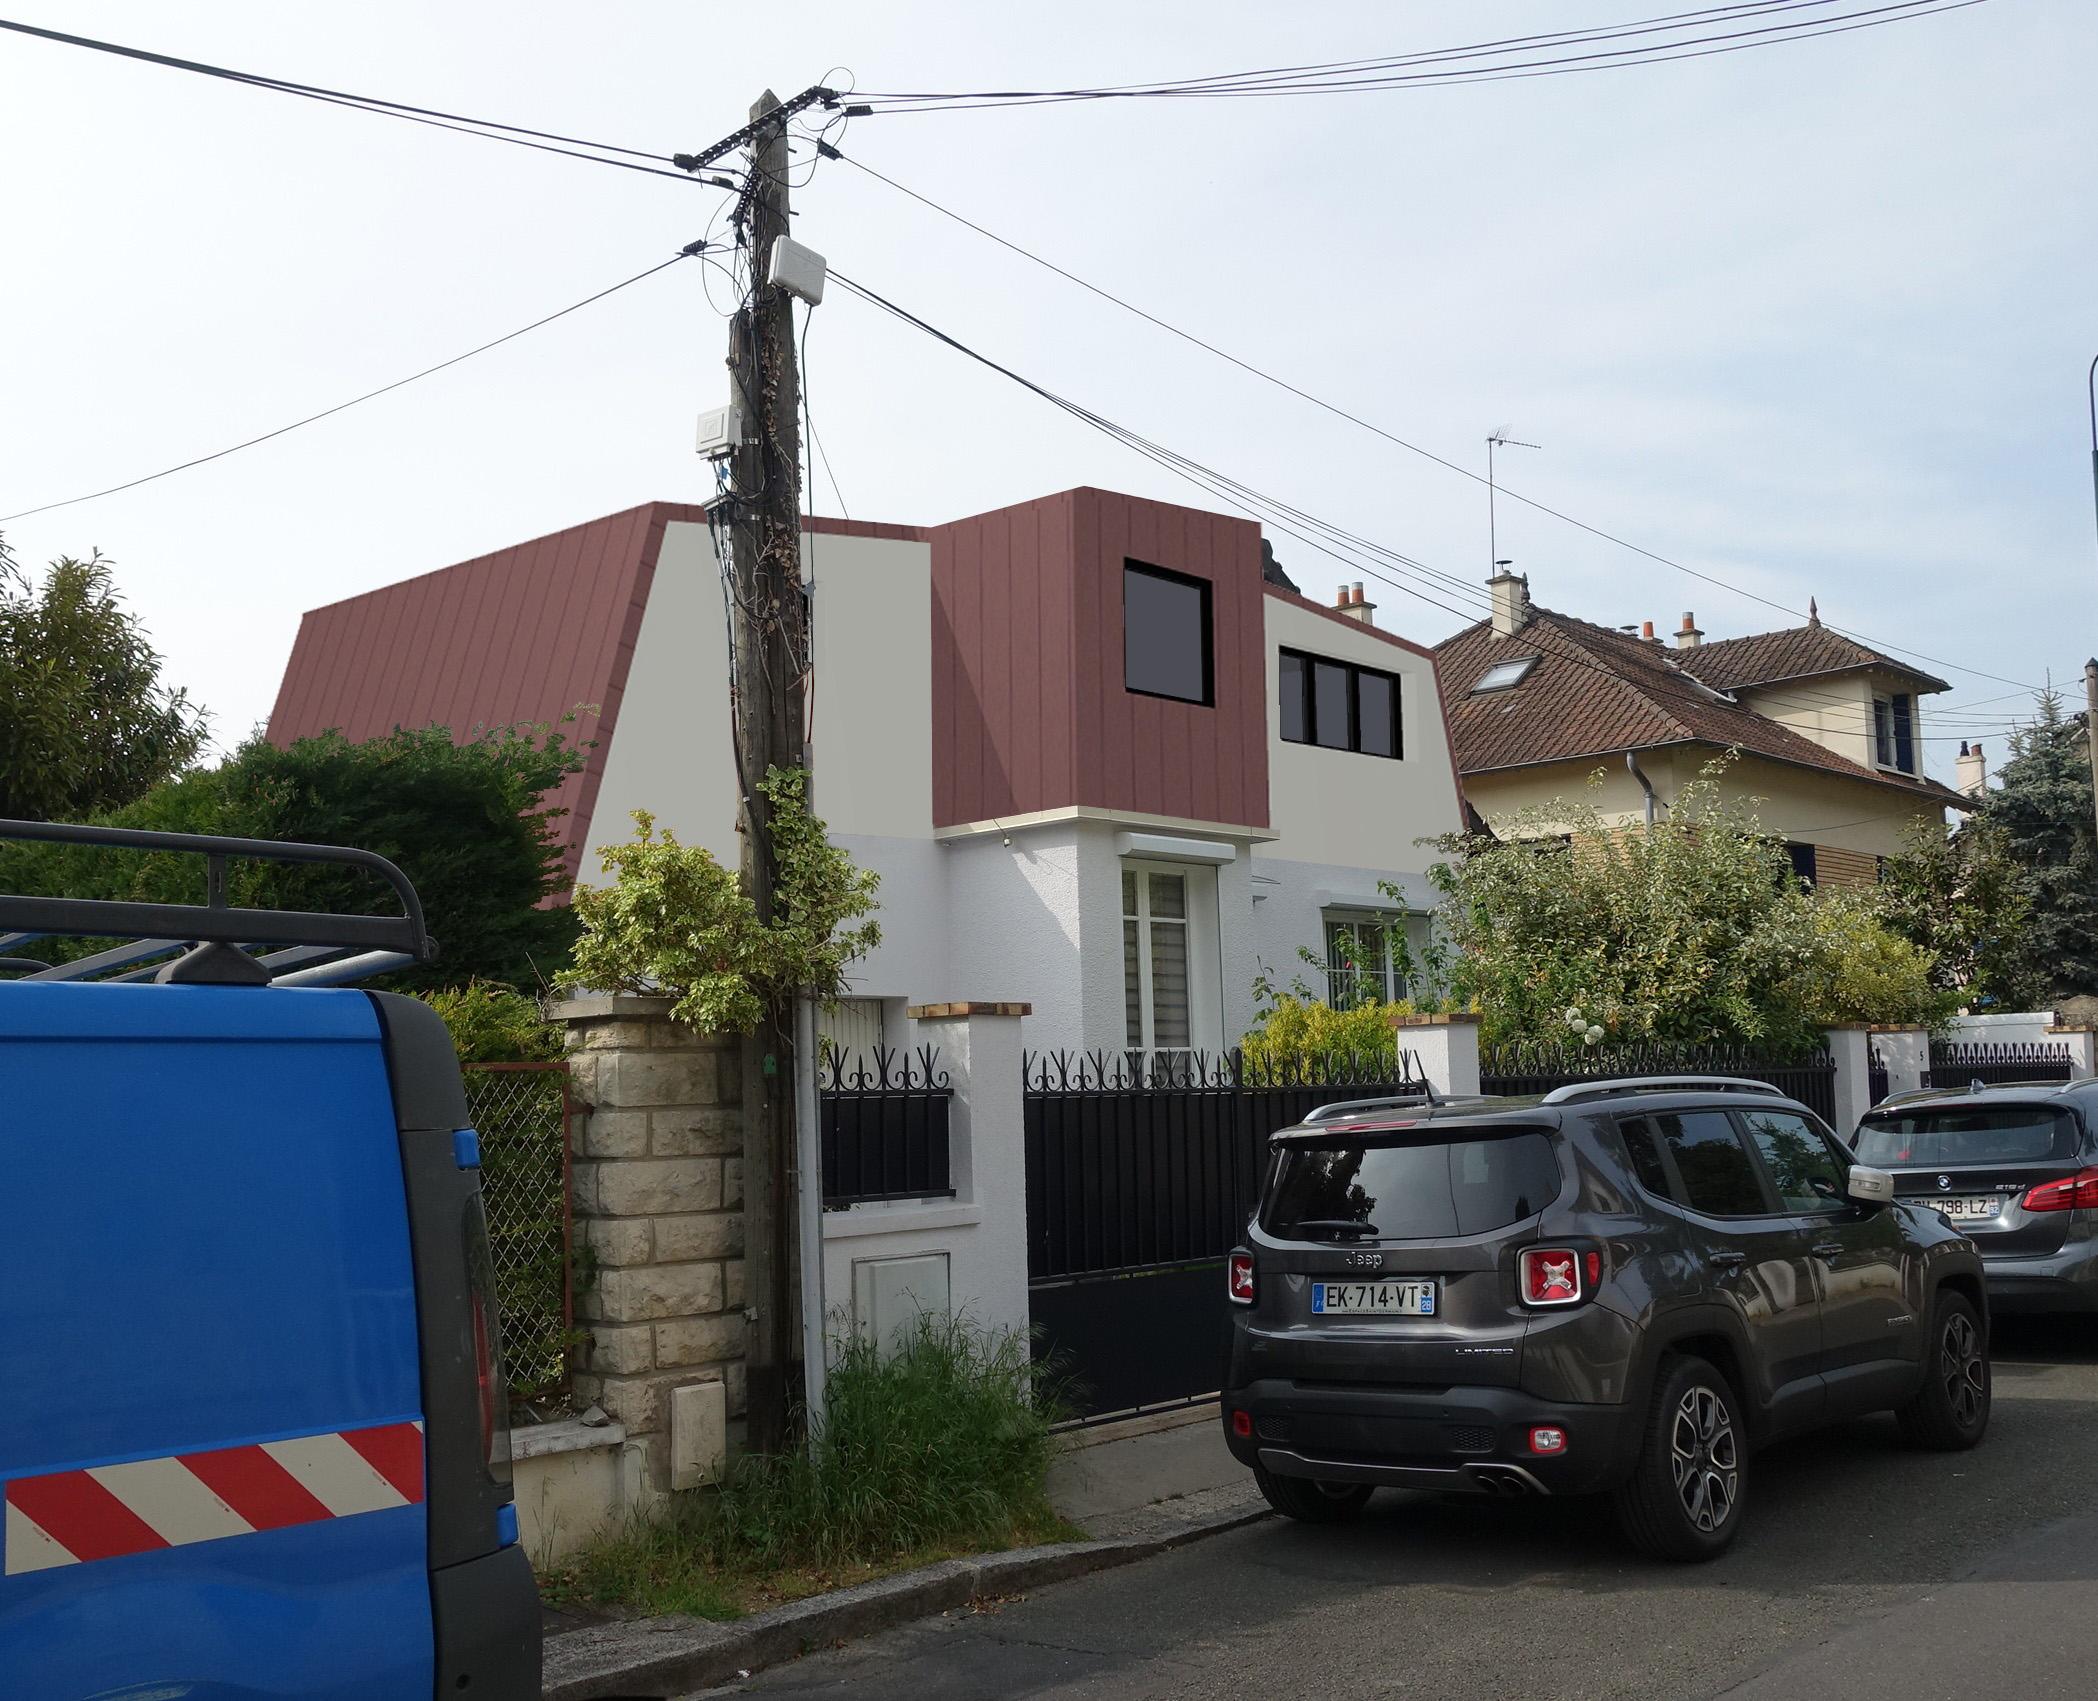 Image Principale - Surelevation E à Croissy-sur-Seine